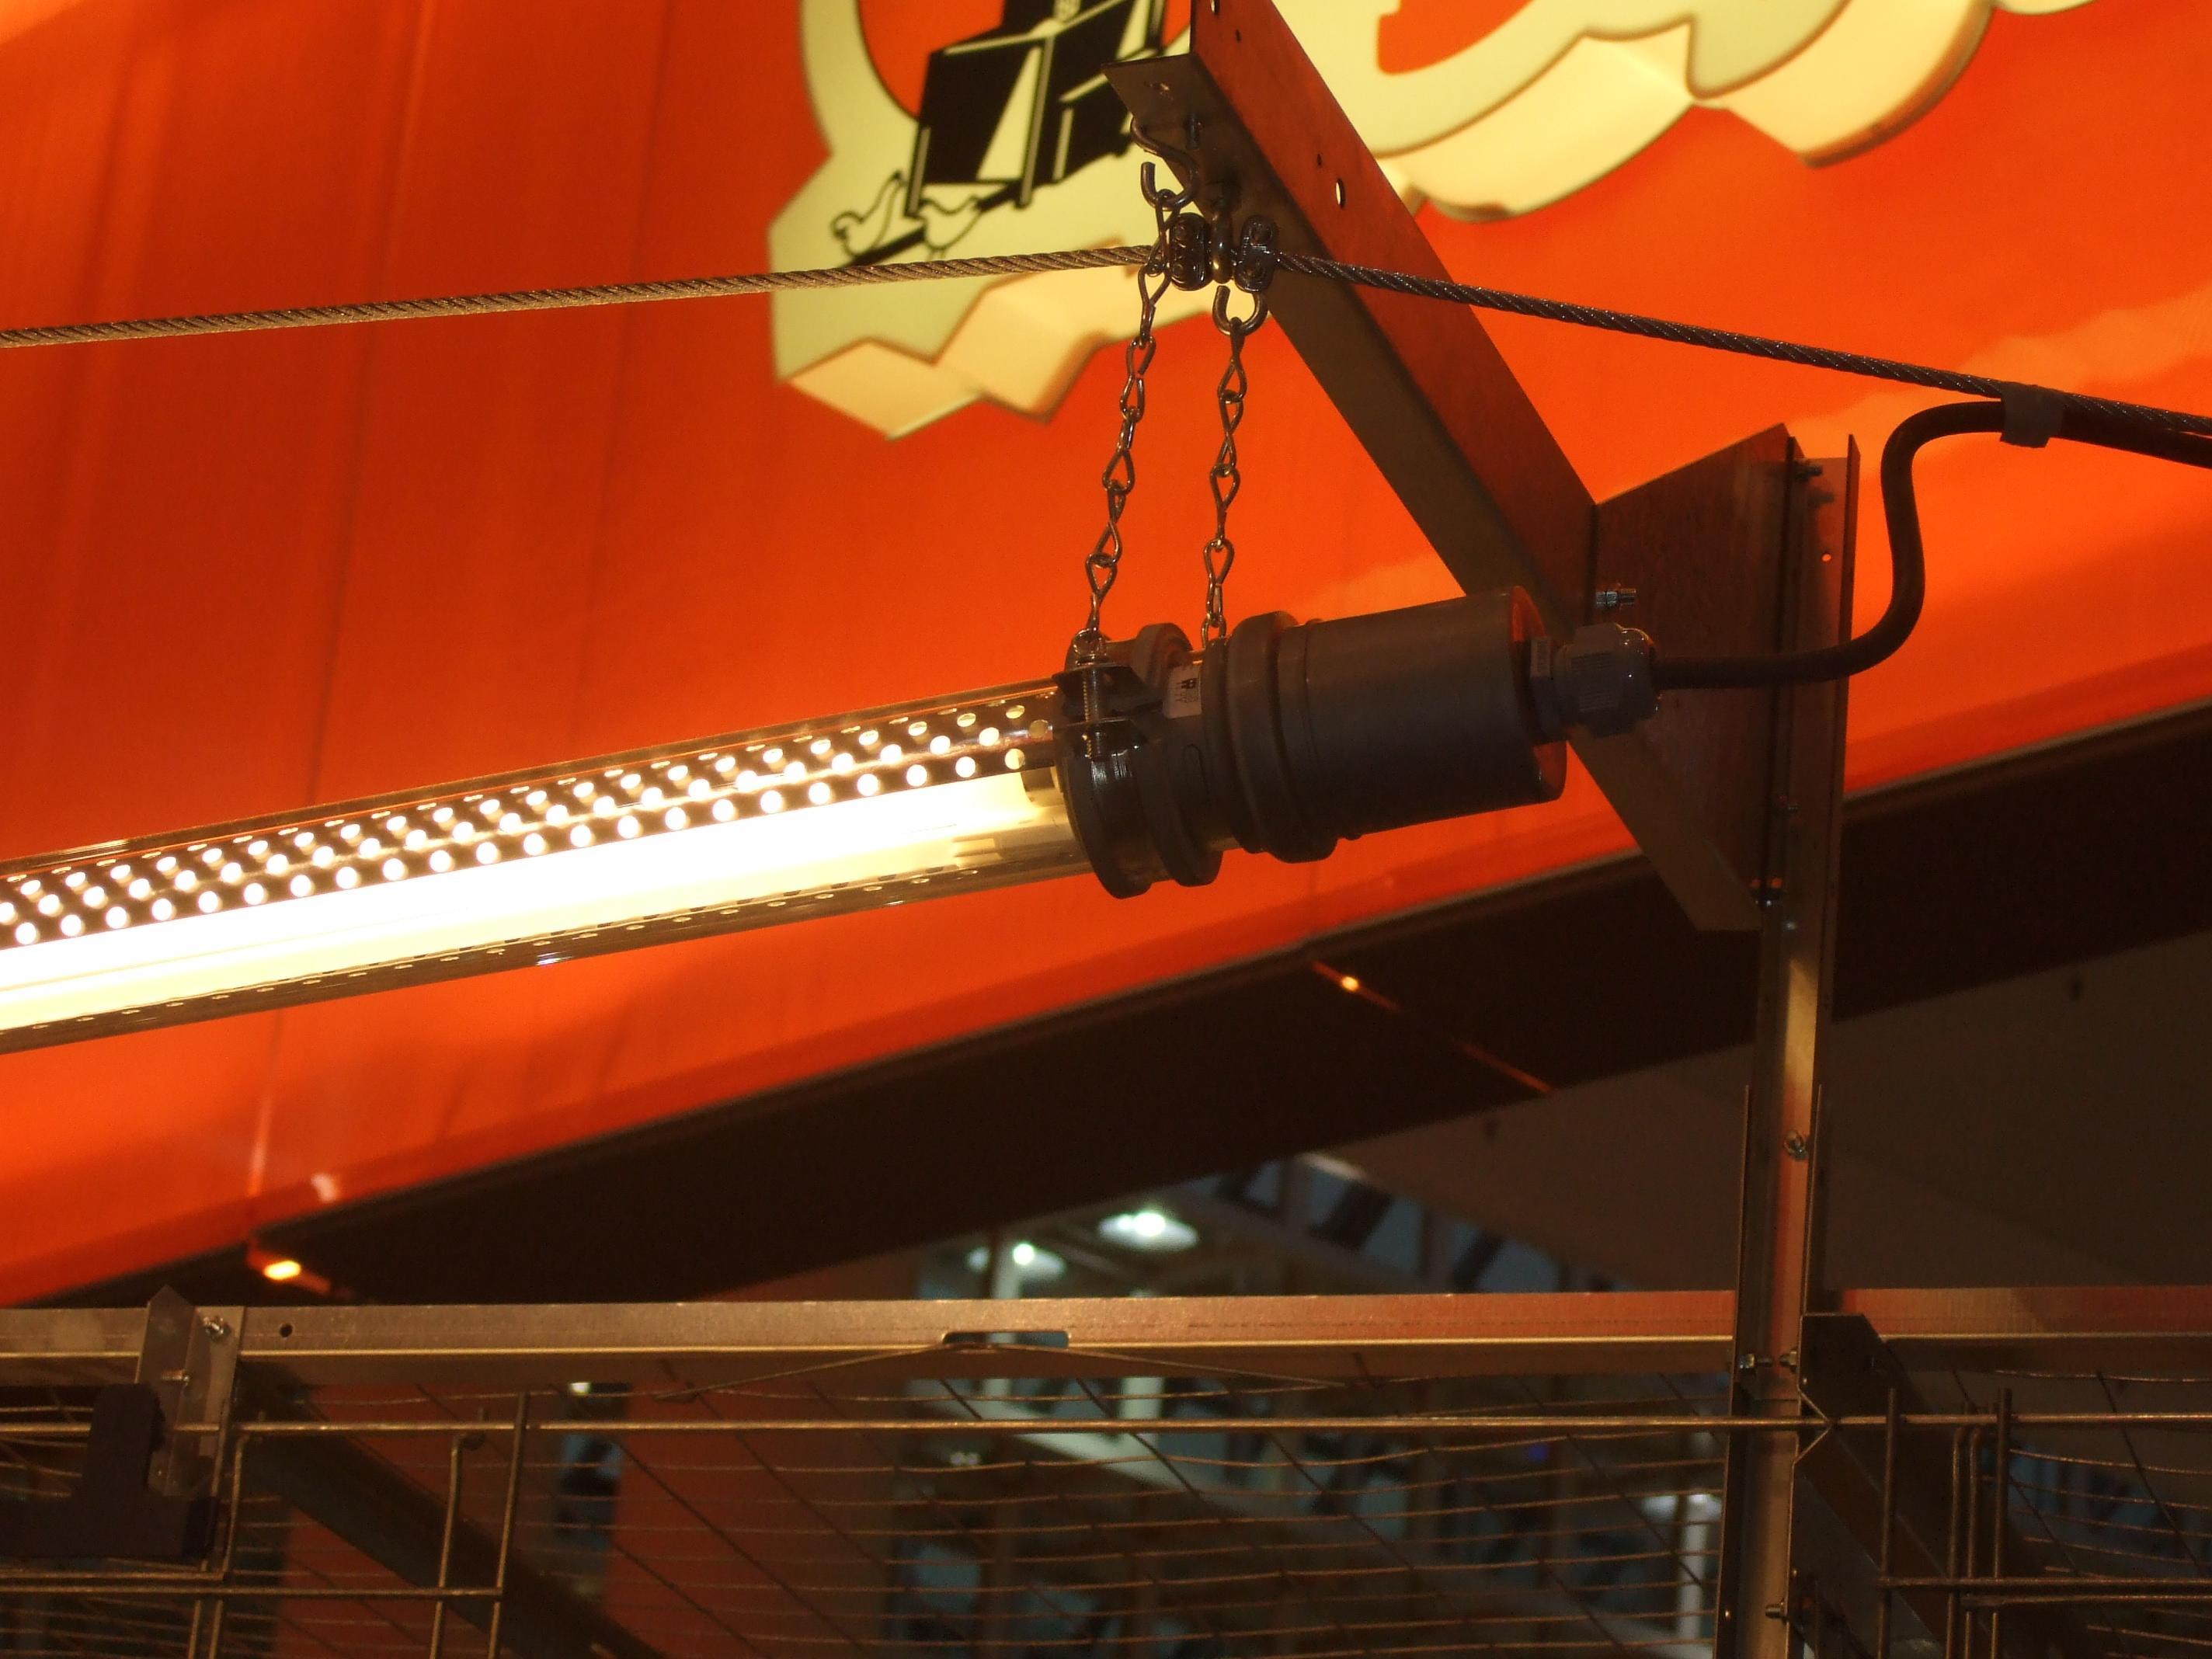 Светильник с перфорированной шторкой.